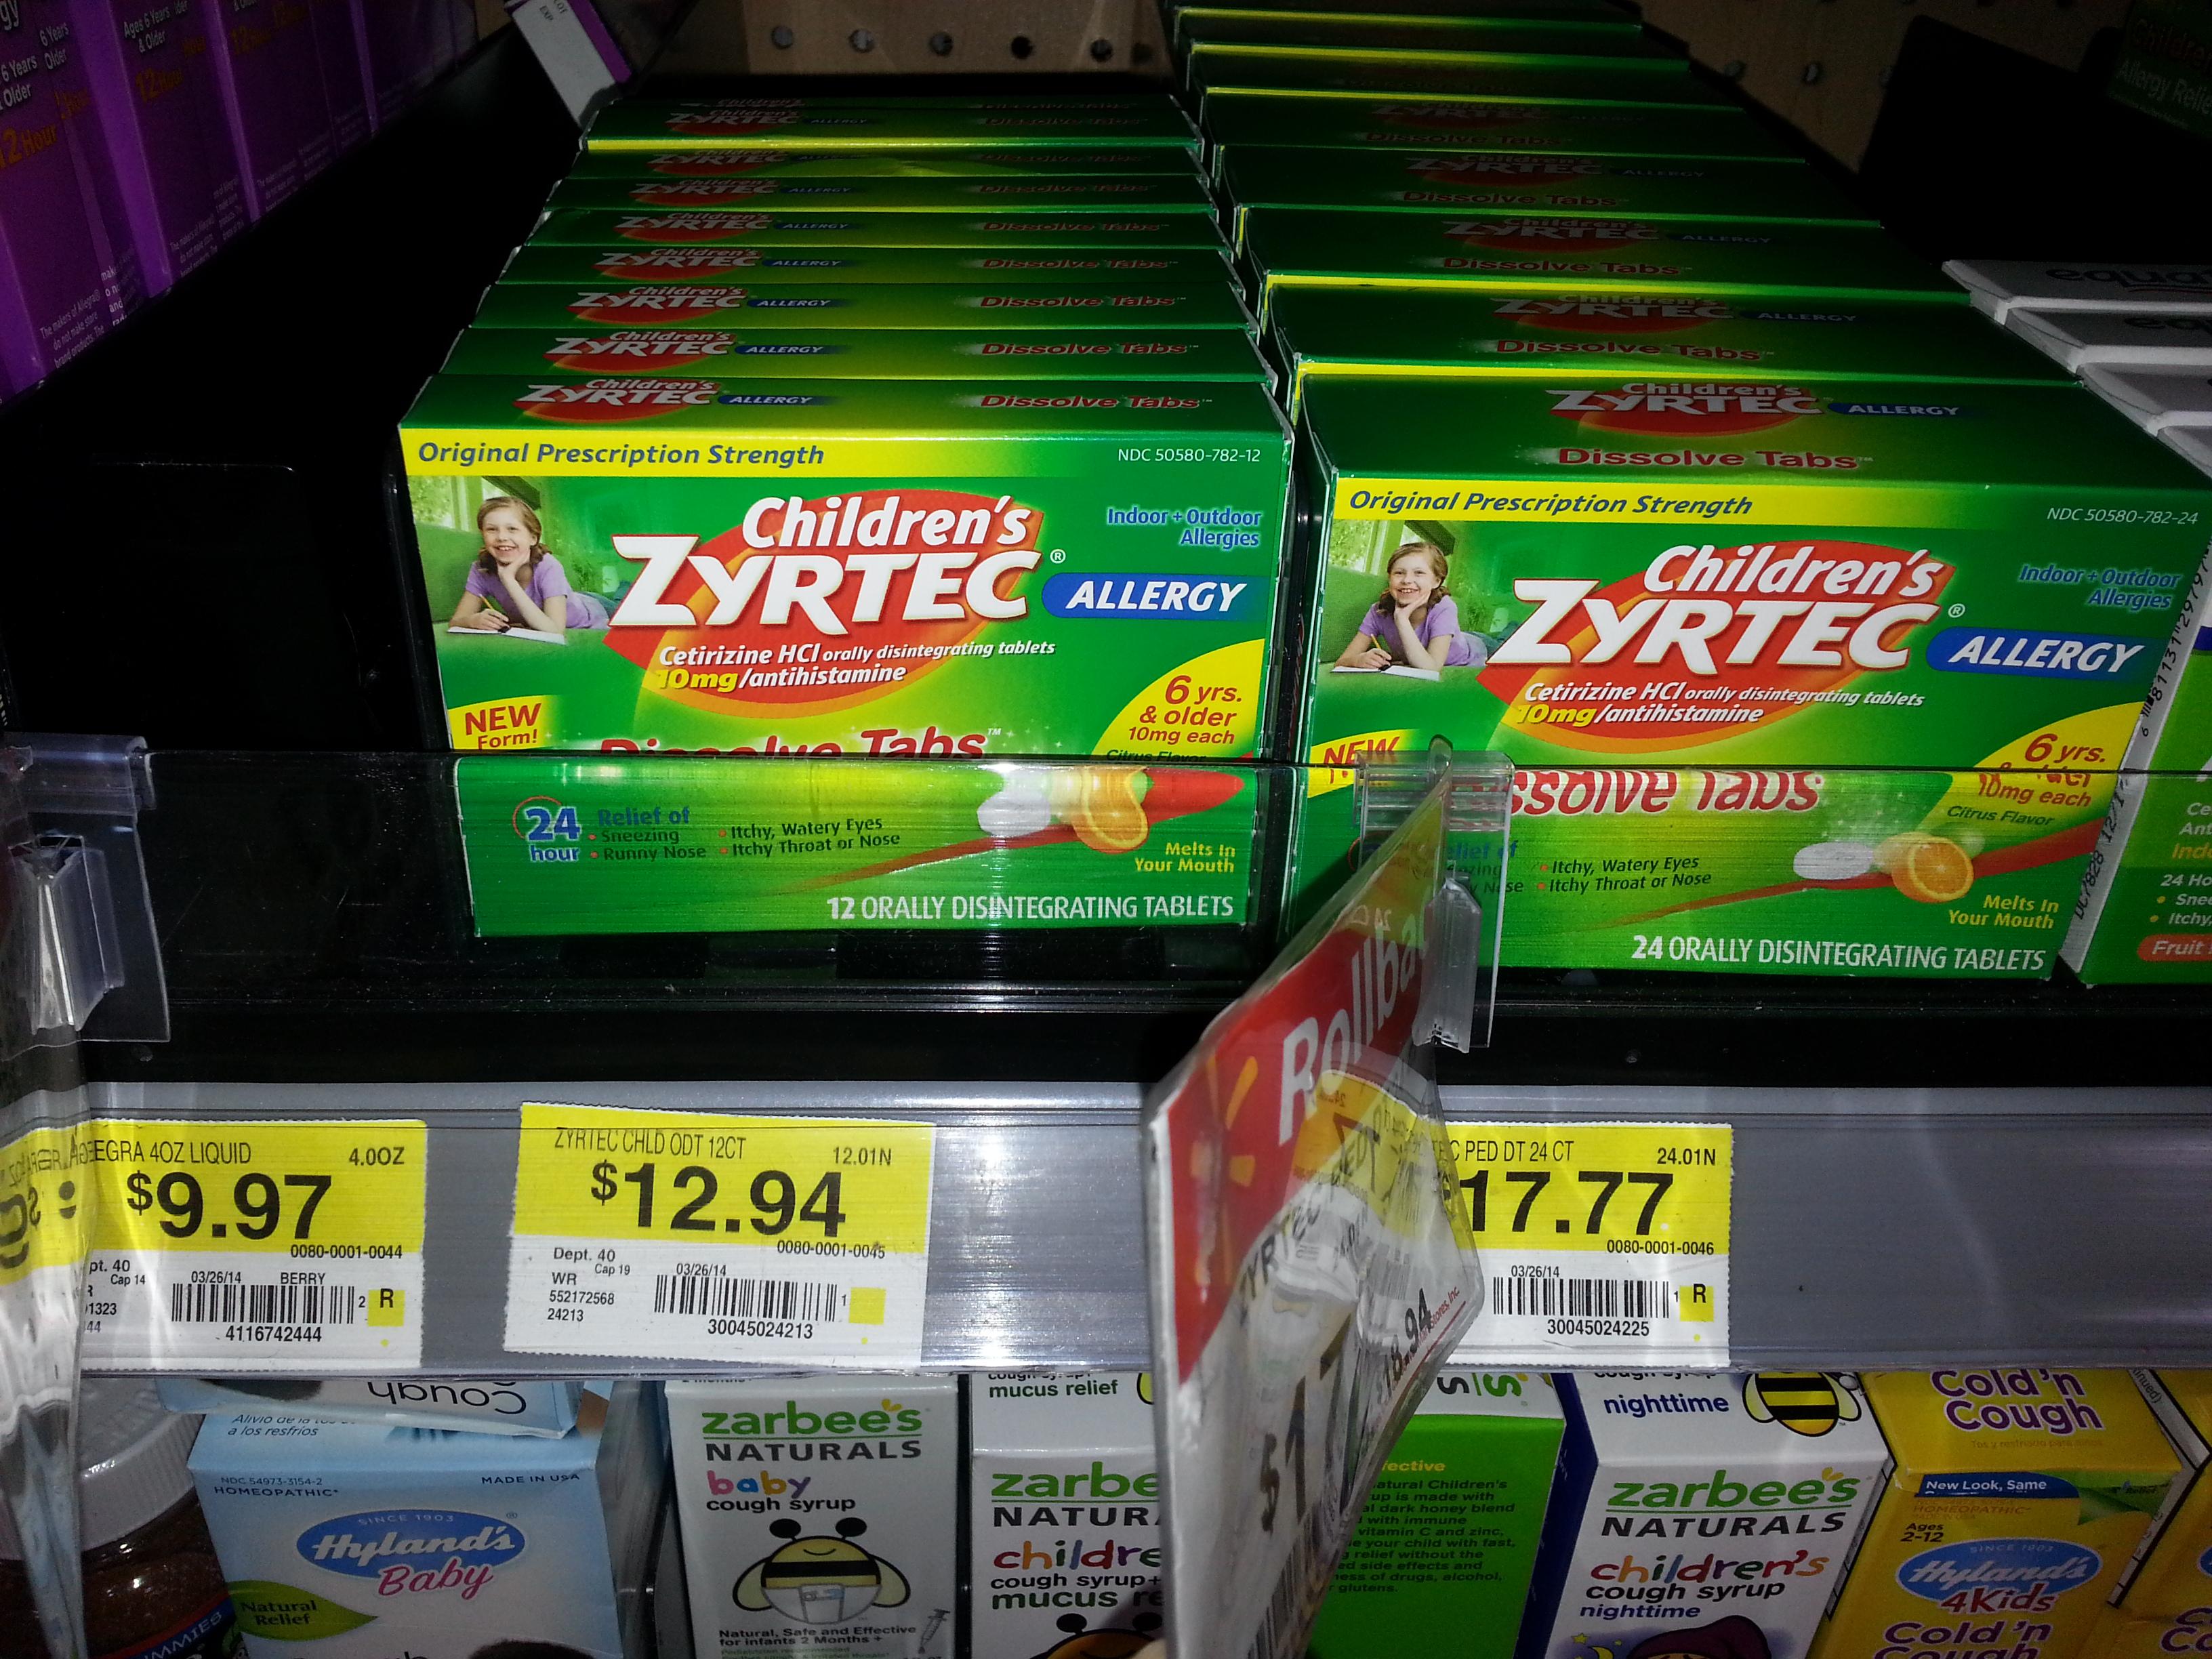 Children's Zyrtec Just $10.94 At Walmart!